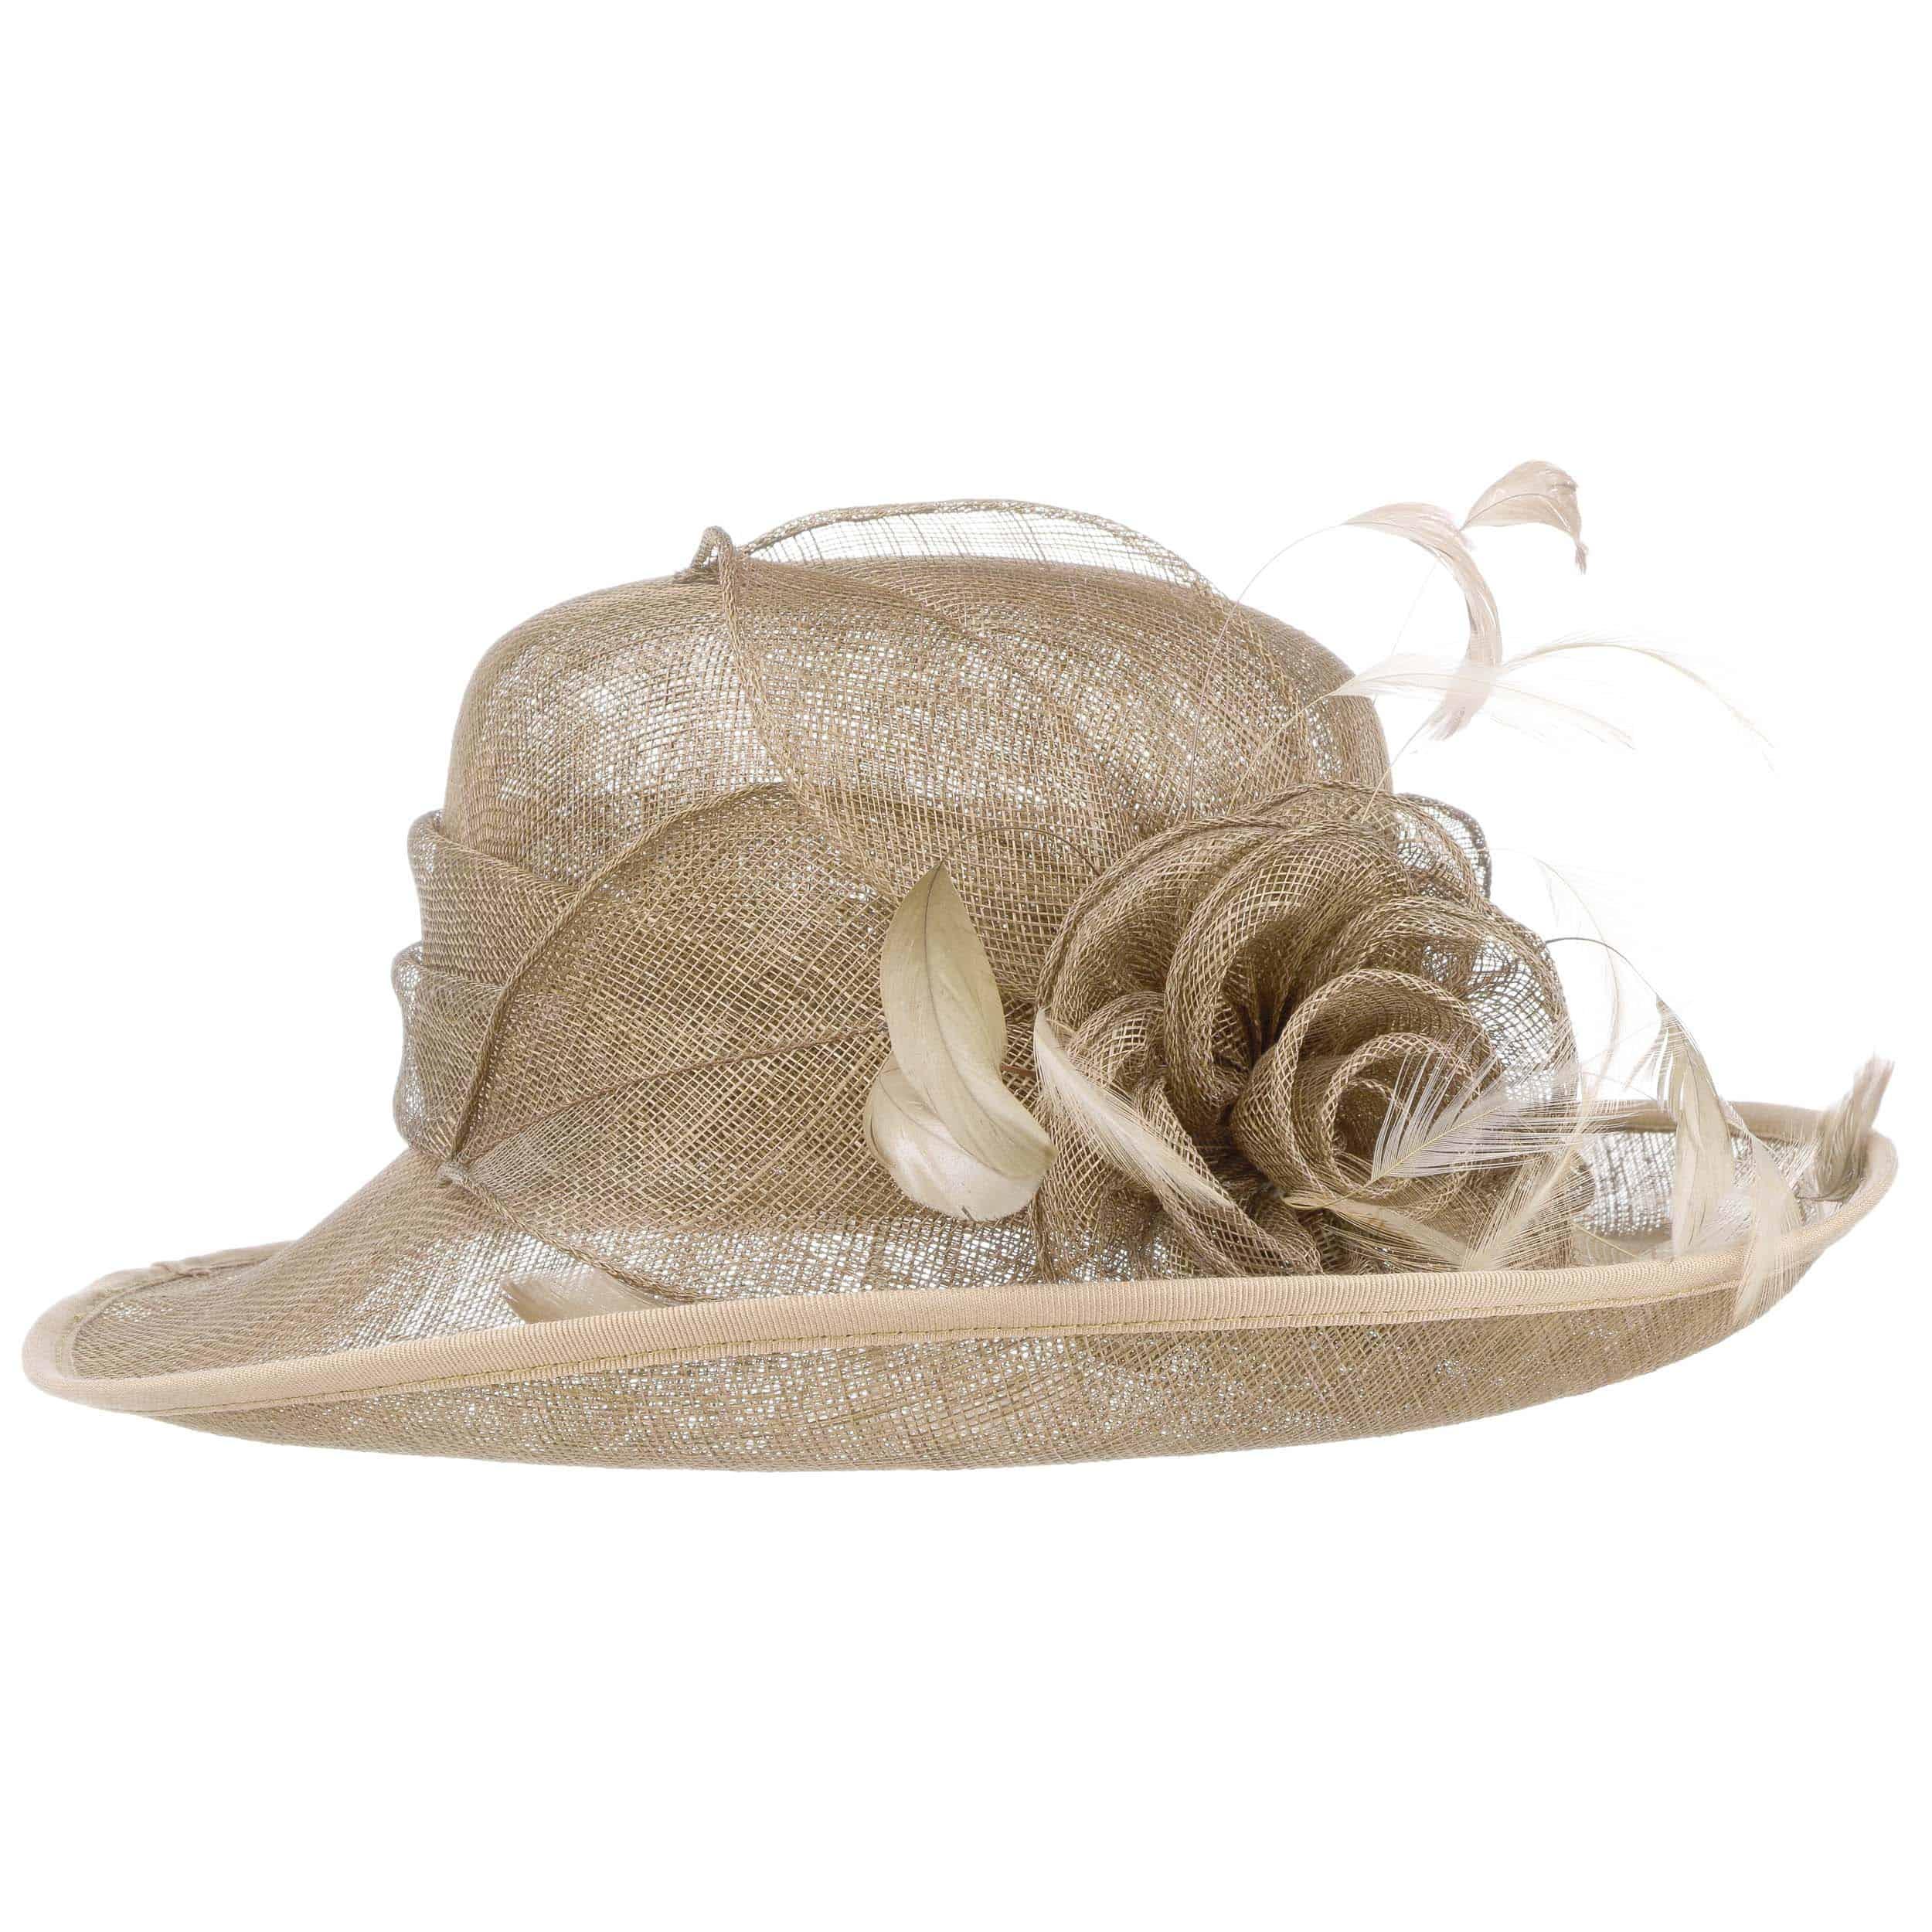 ... Cappello da Donna Clare Sinamay by Lierys - marrone 6 ... 38218b16392e